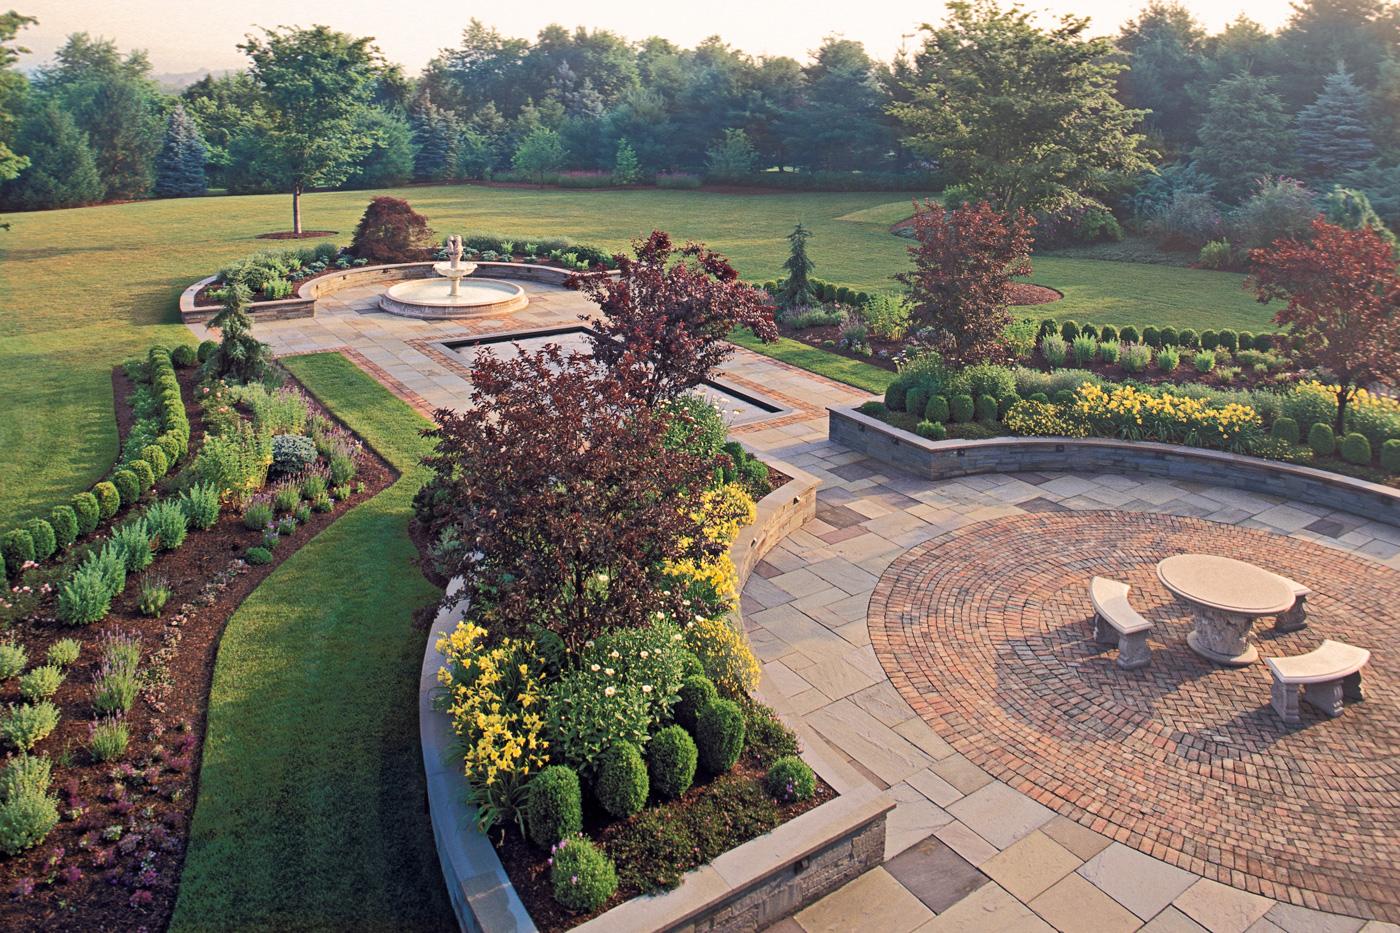 New jersey landscaping landscaping nj nj landscape for Landscape design nj